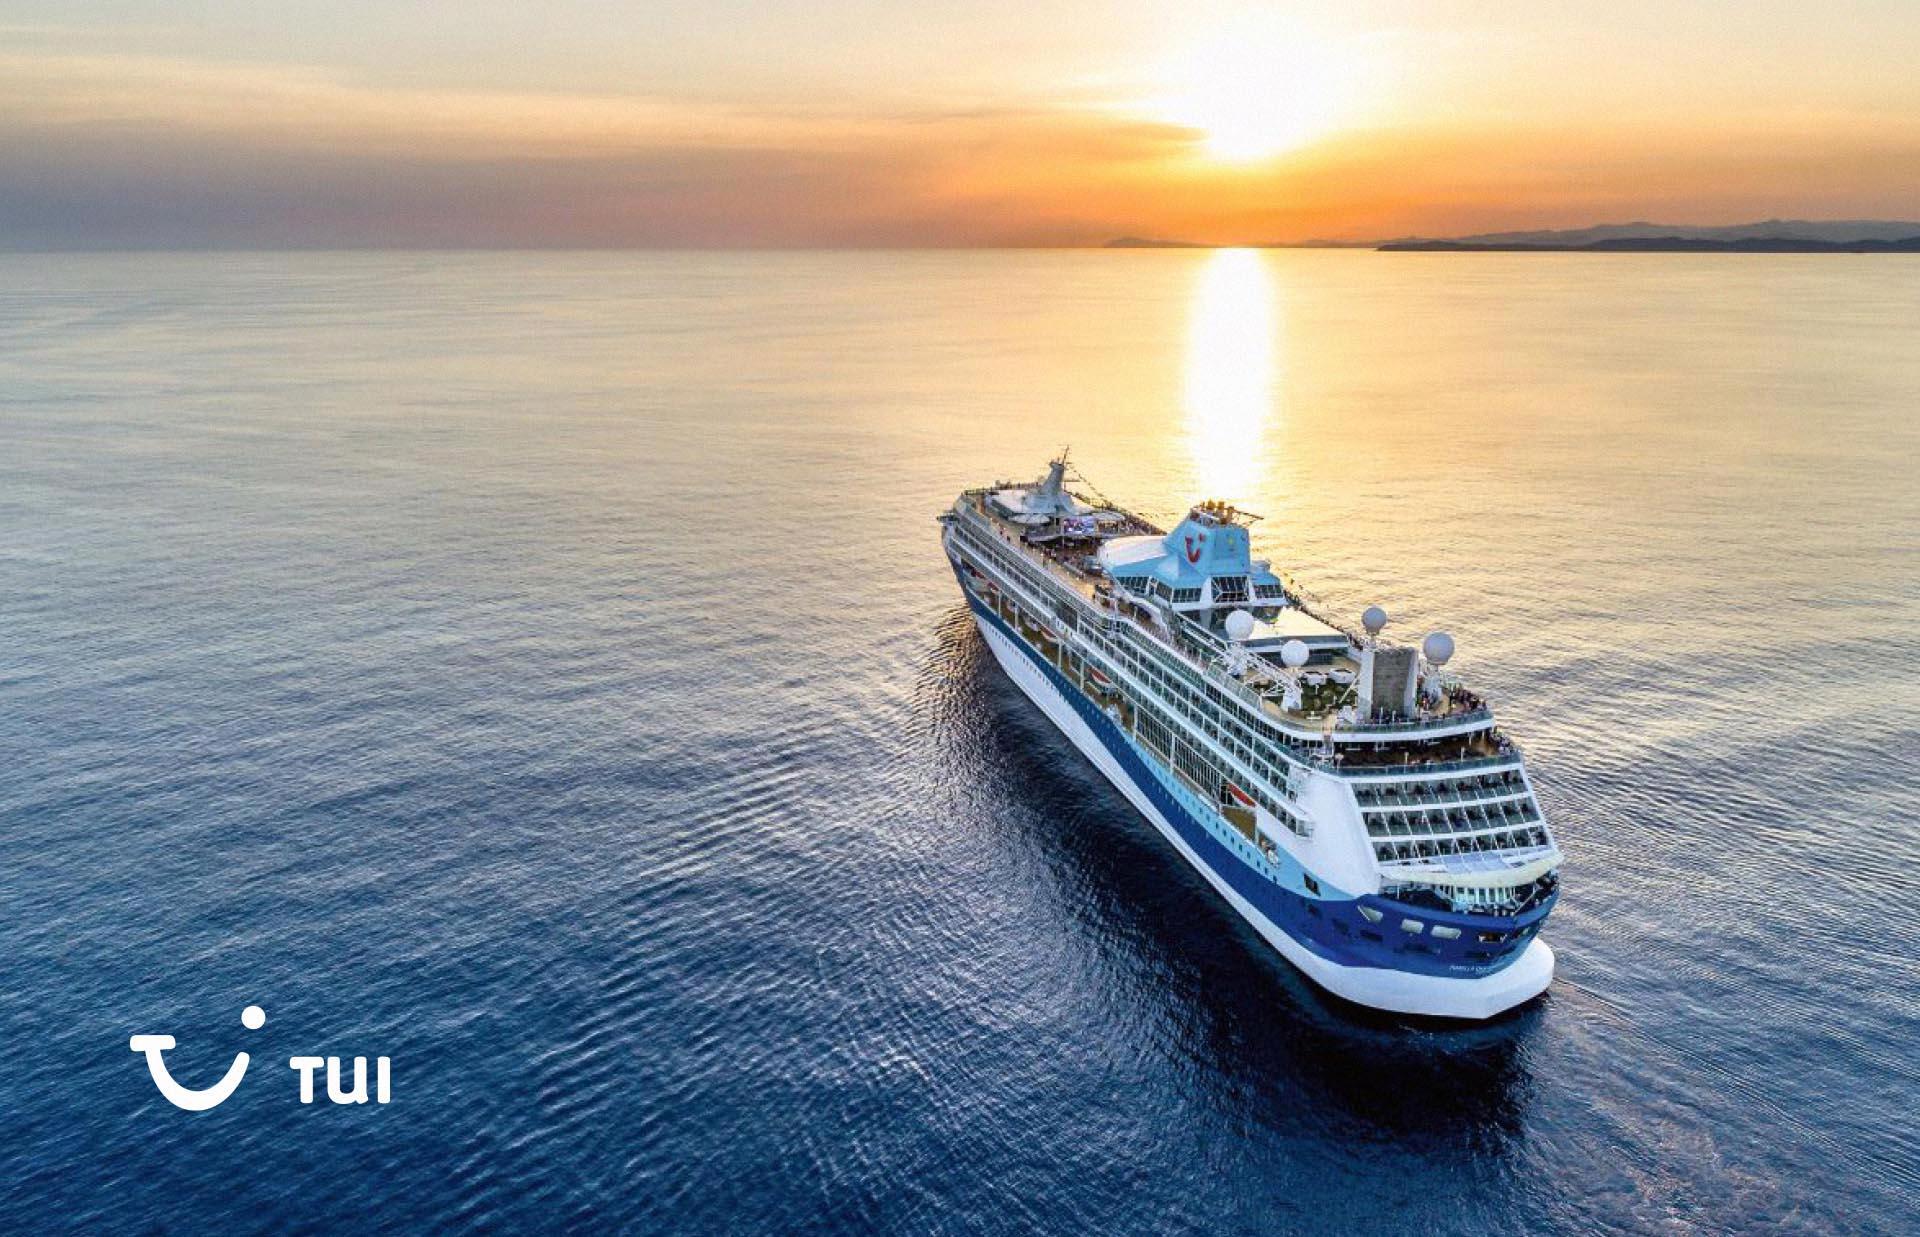 Tui_Marella-cruiseship-Butterscotch-Spa-designers